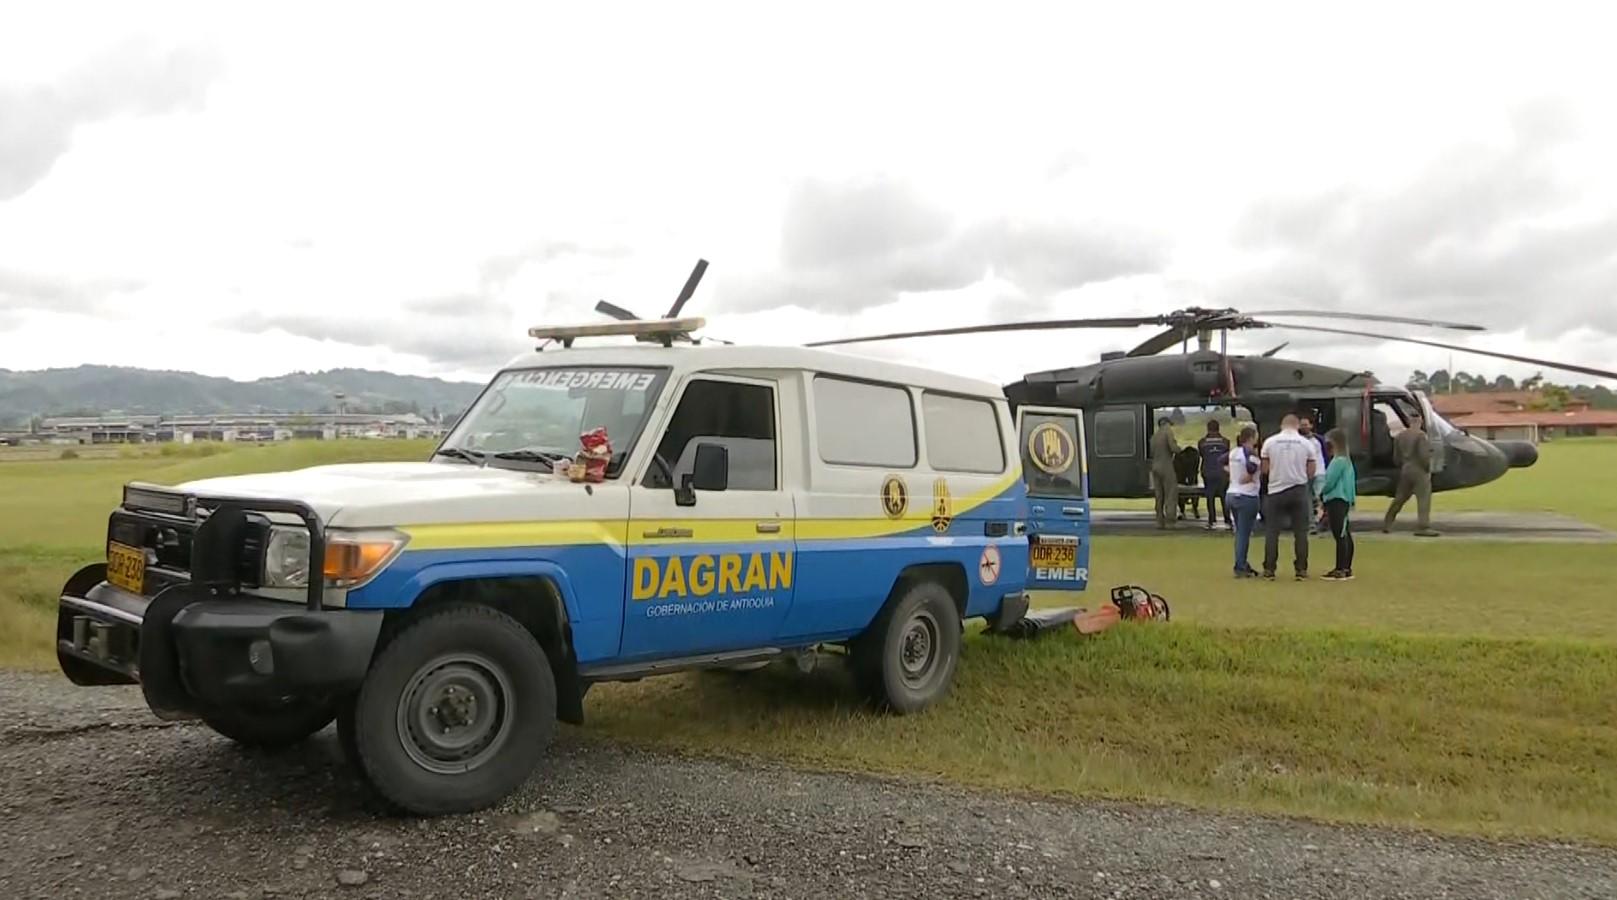 El clima no ha dejado entrar las ayudas humanitarias a Ituango